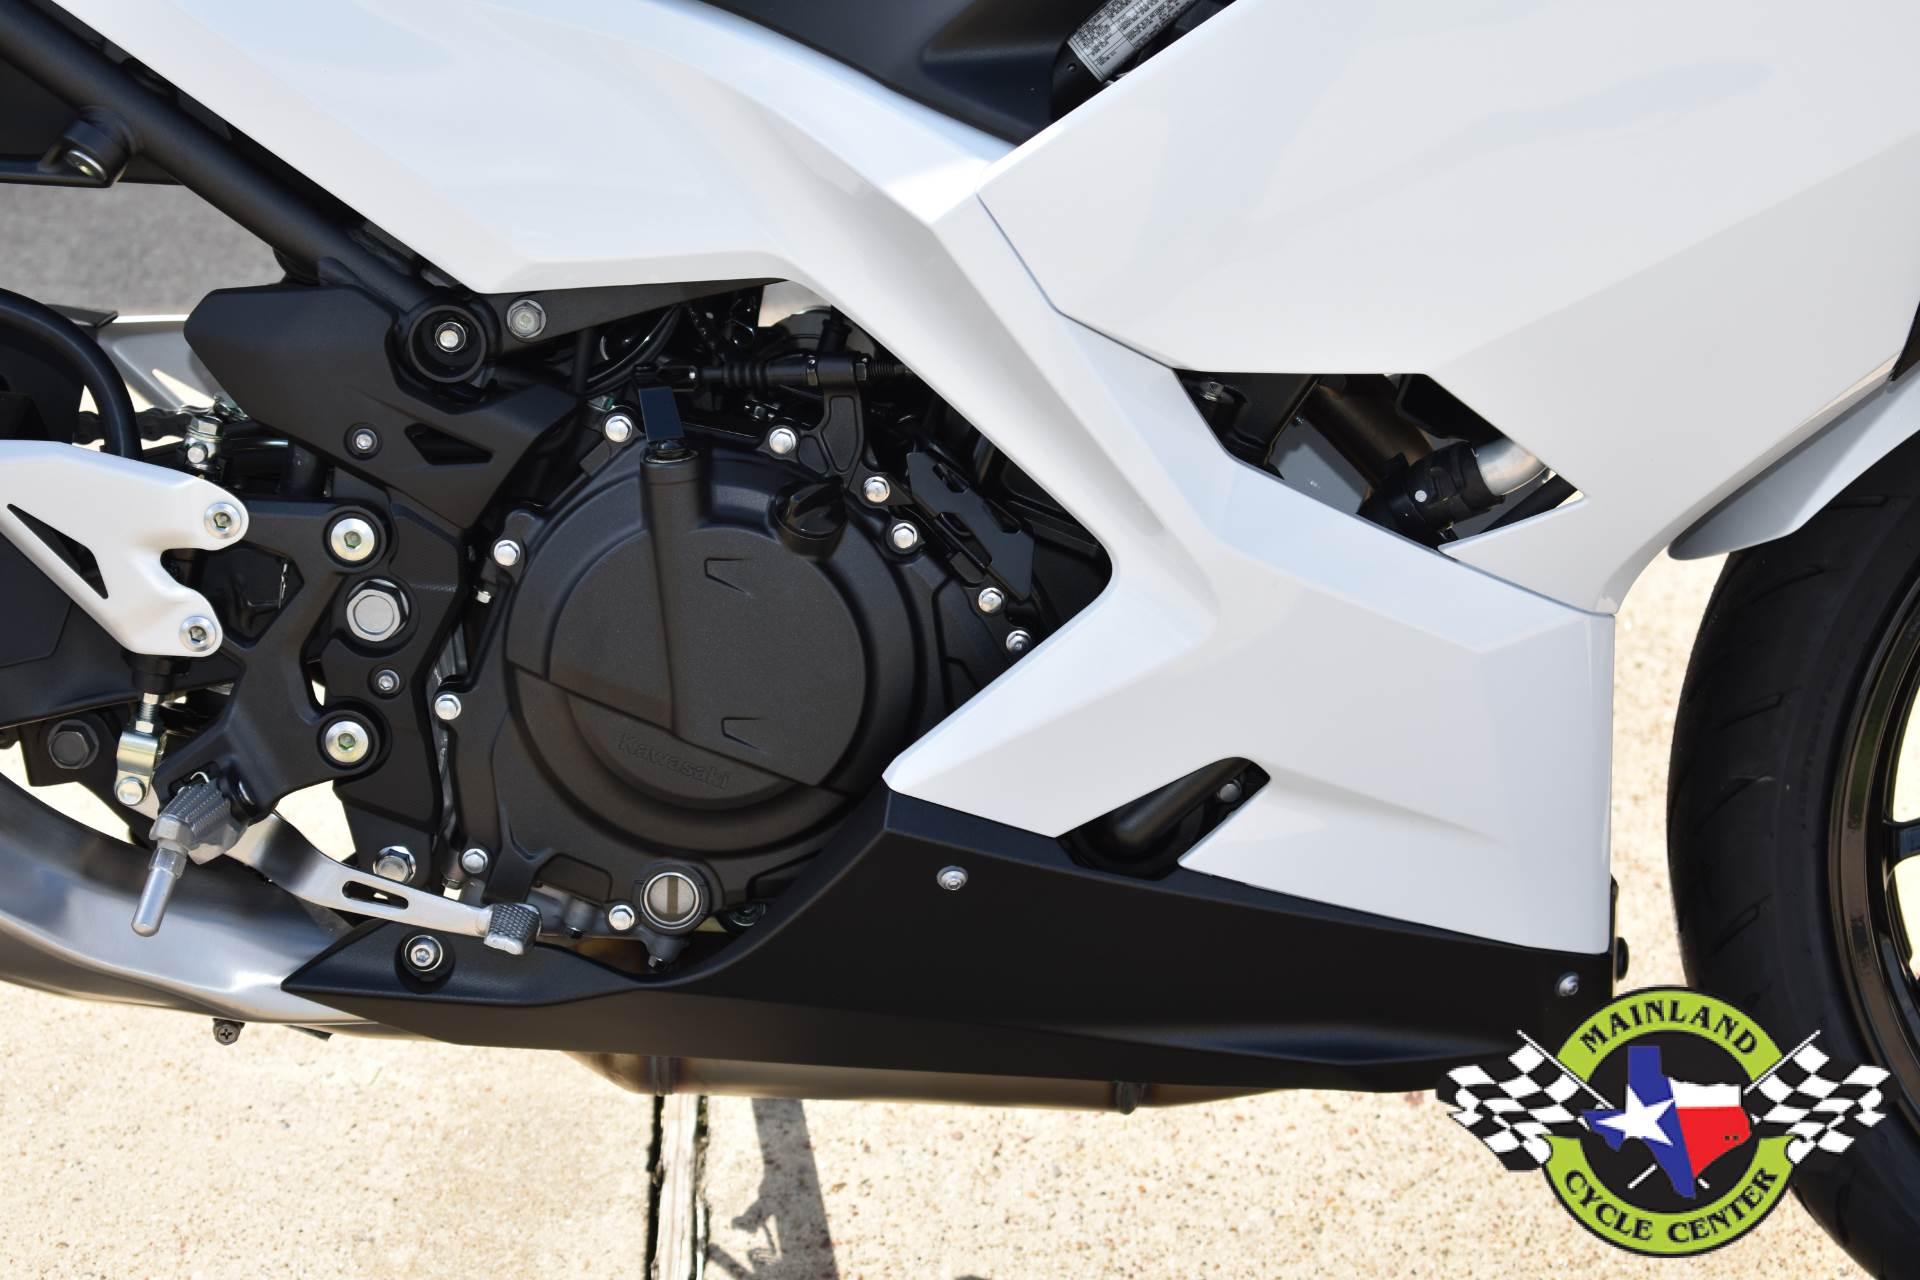 2020 Kawasaki Ninja 400 ABS 10